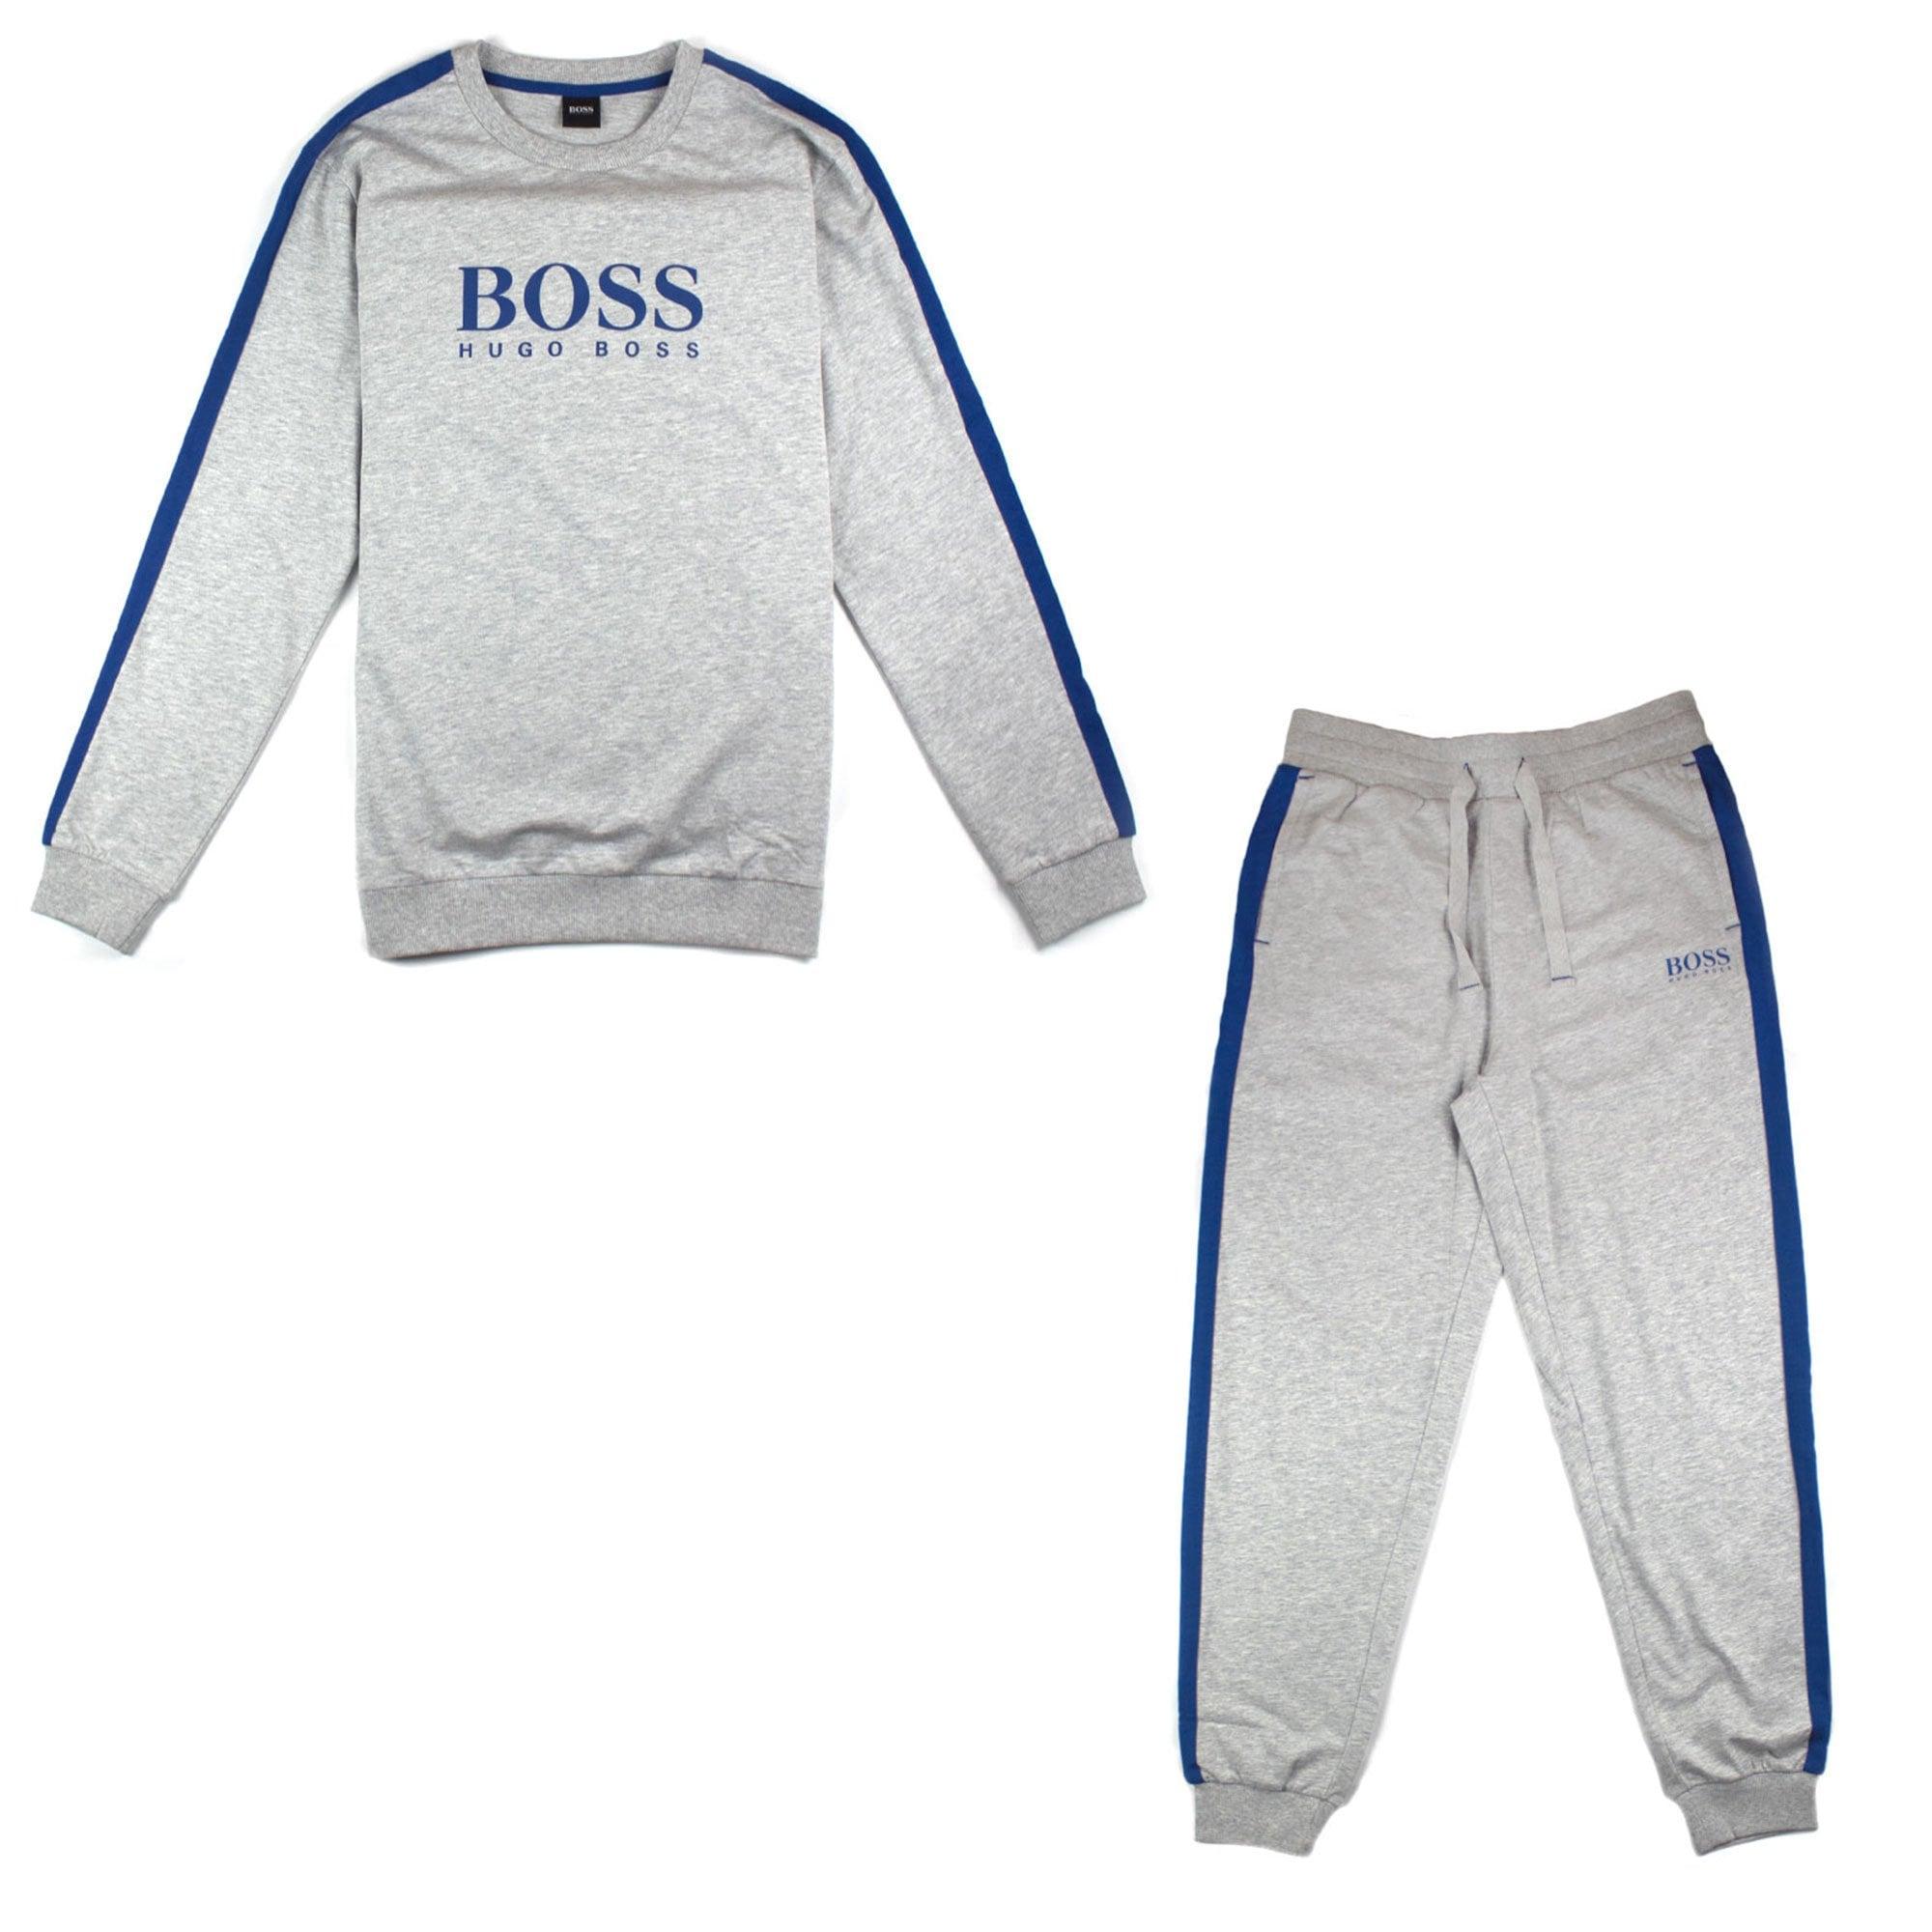 hugo boss full tracksuit grey